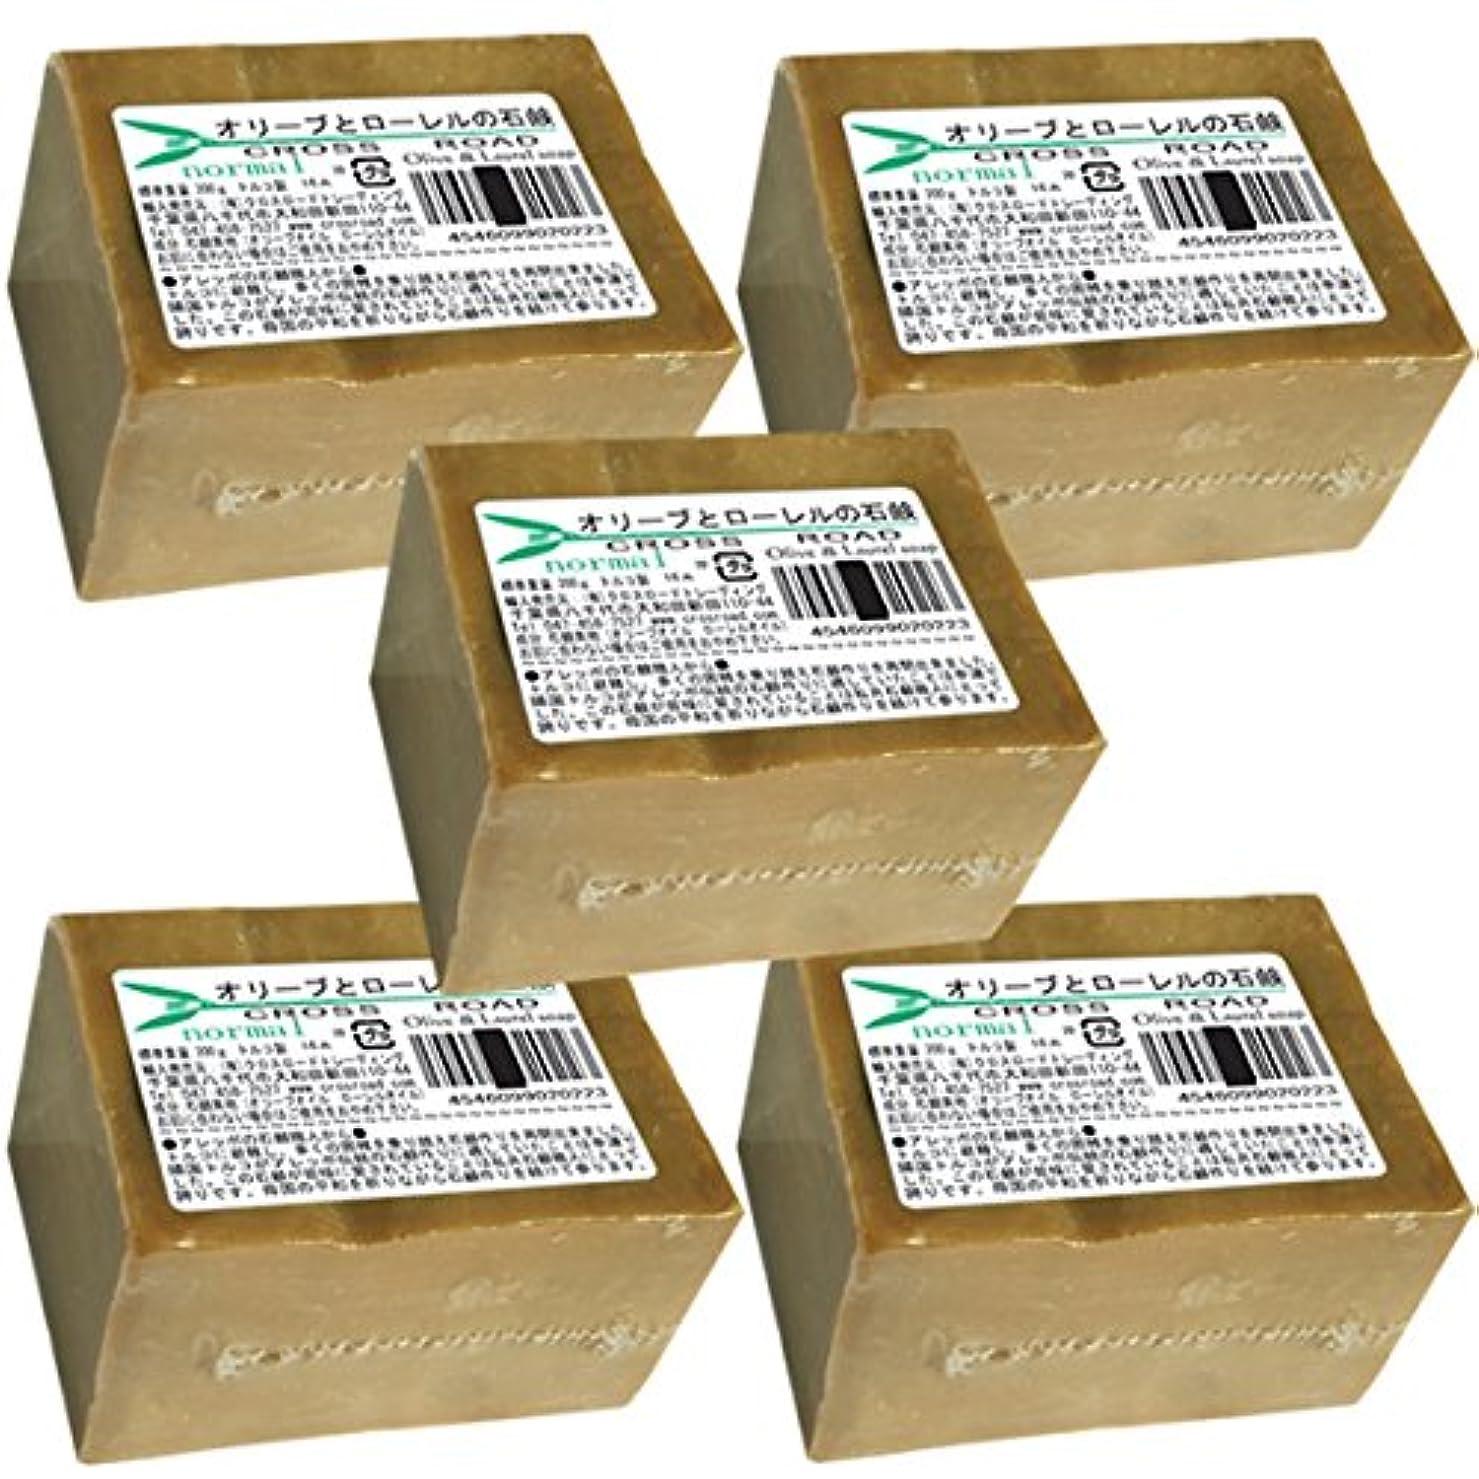 カウボーイシンプルな参照するオリーブとローレルの石鹸(ノーマル)5個セット[並行輸入品]